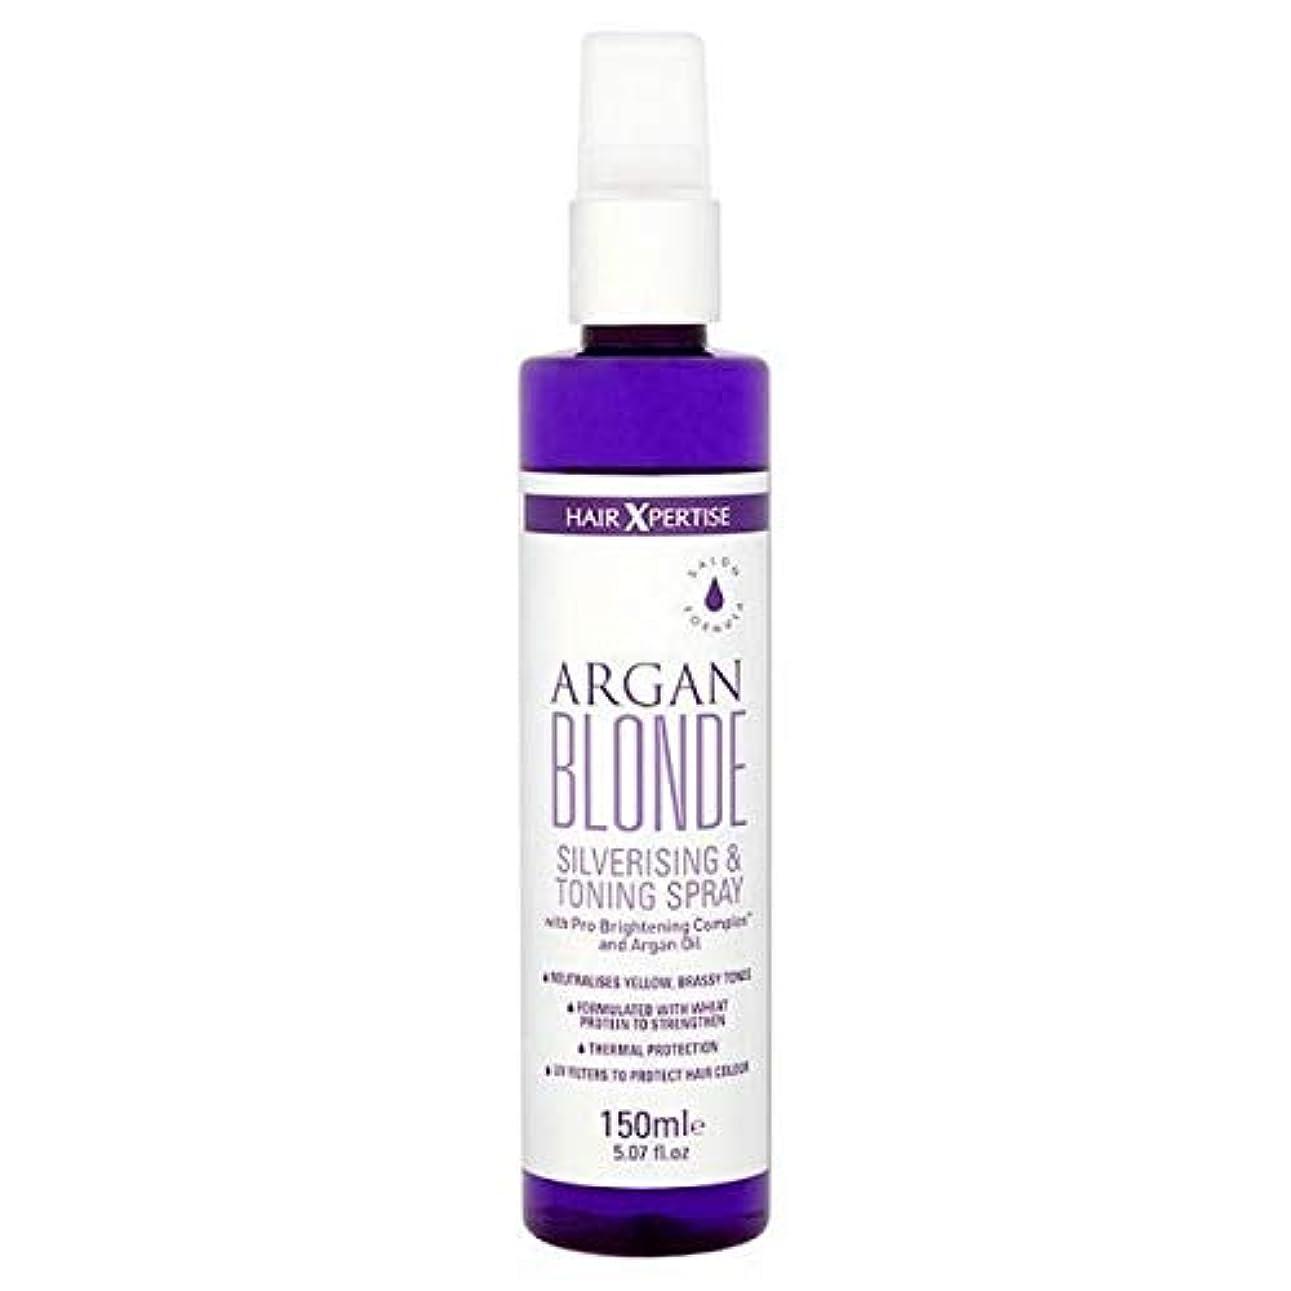 反対リーガン製油所[Hair Xpertise] ヘアXpertiseのアルガンブロンドSilverising&調色スプレー150ミリリットル - Hair Xpertise Argan Blonde Silverising & Toning Spray 150ml [並行輸入品]